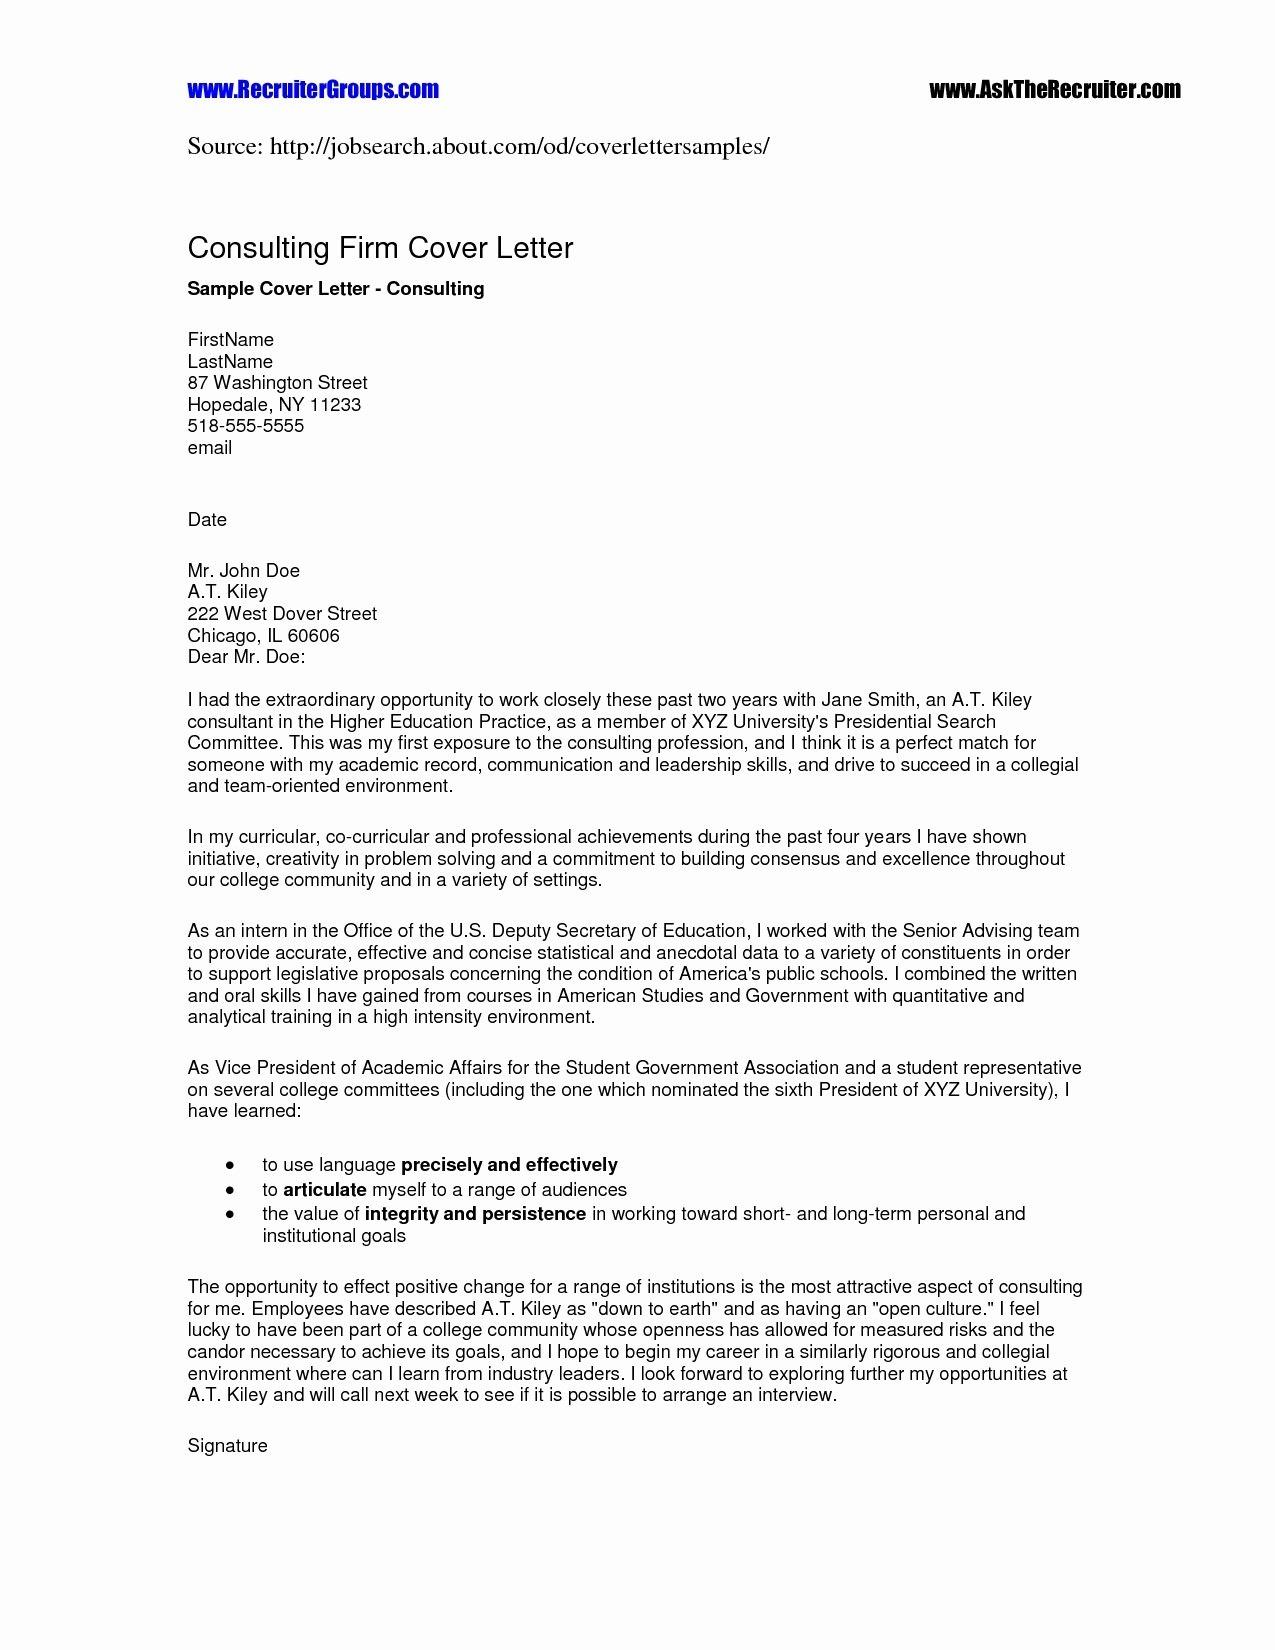 Customer Service Cover Letter Template Download - Resume Cover Letter Template Free Download Unique Teacher Resume